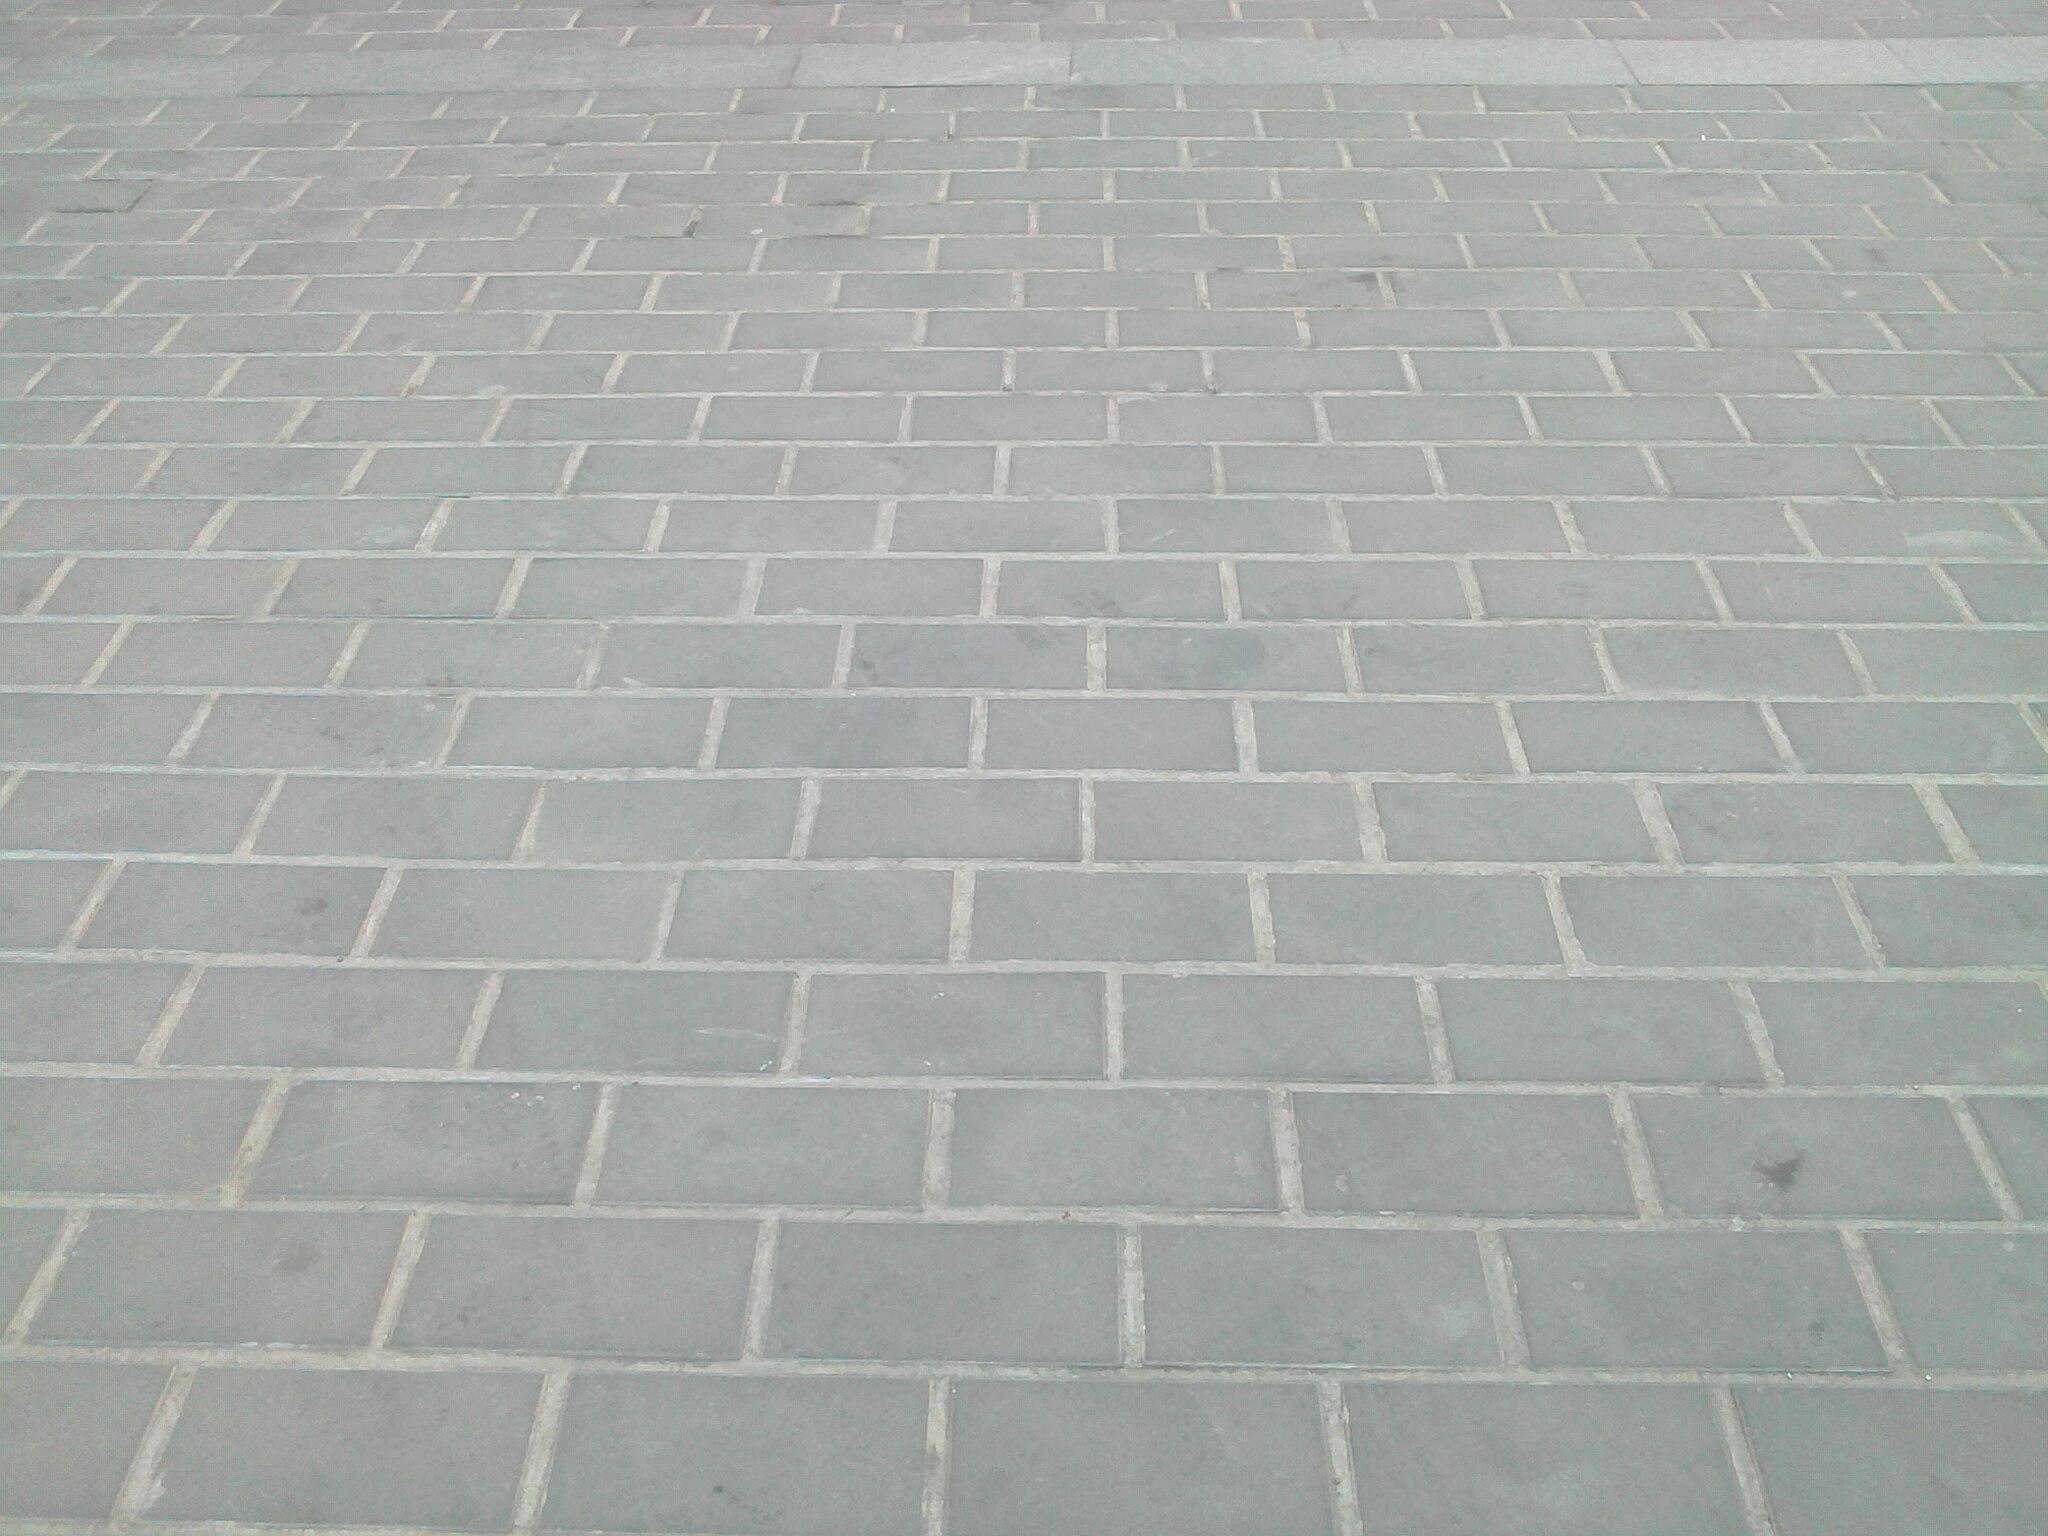 【知识】混色砖广泛应用 混色砖种类齐全